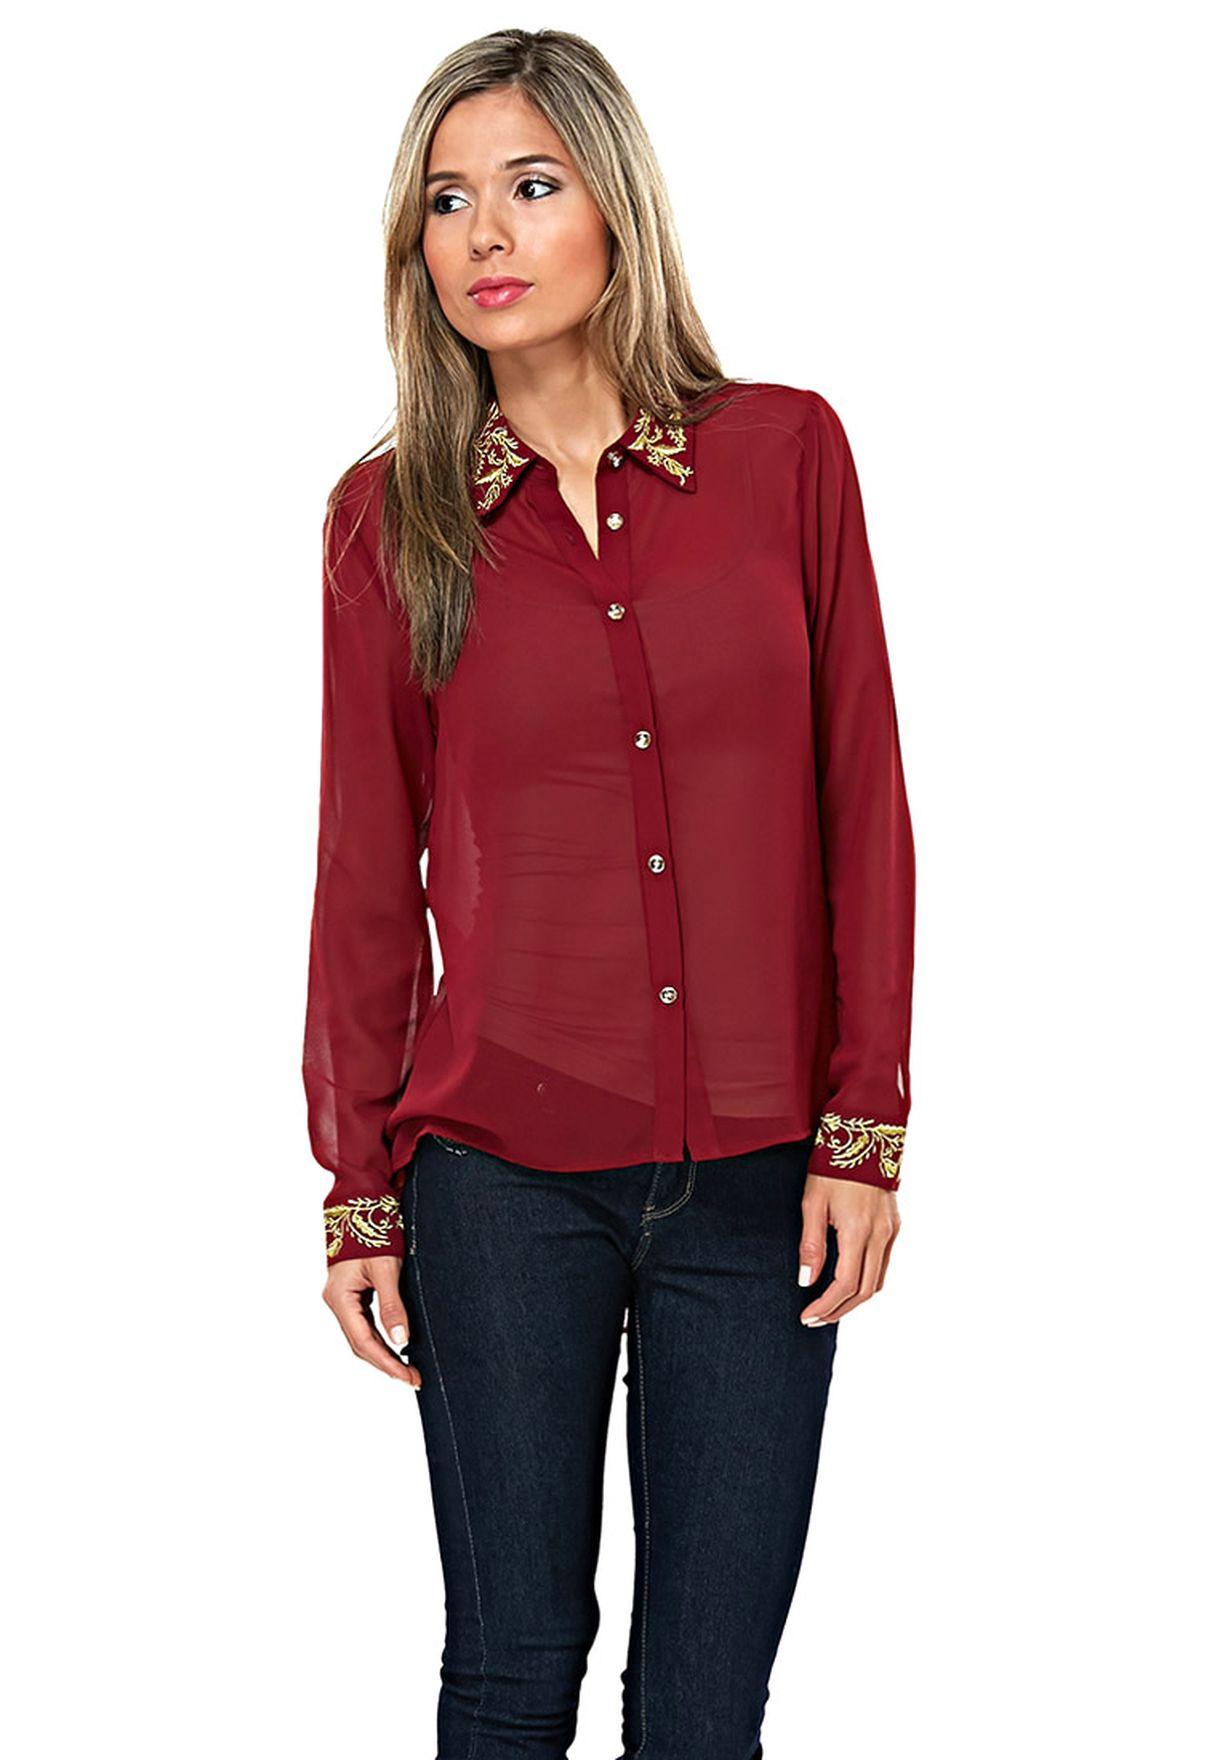 0b91d2d62ef55 تسوق قميص بياقة ذهبية ماركة ايلا لون أحمر في السعودية - EL314AT94HBT